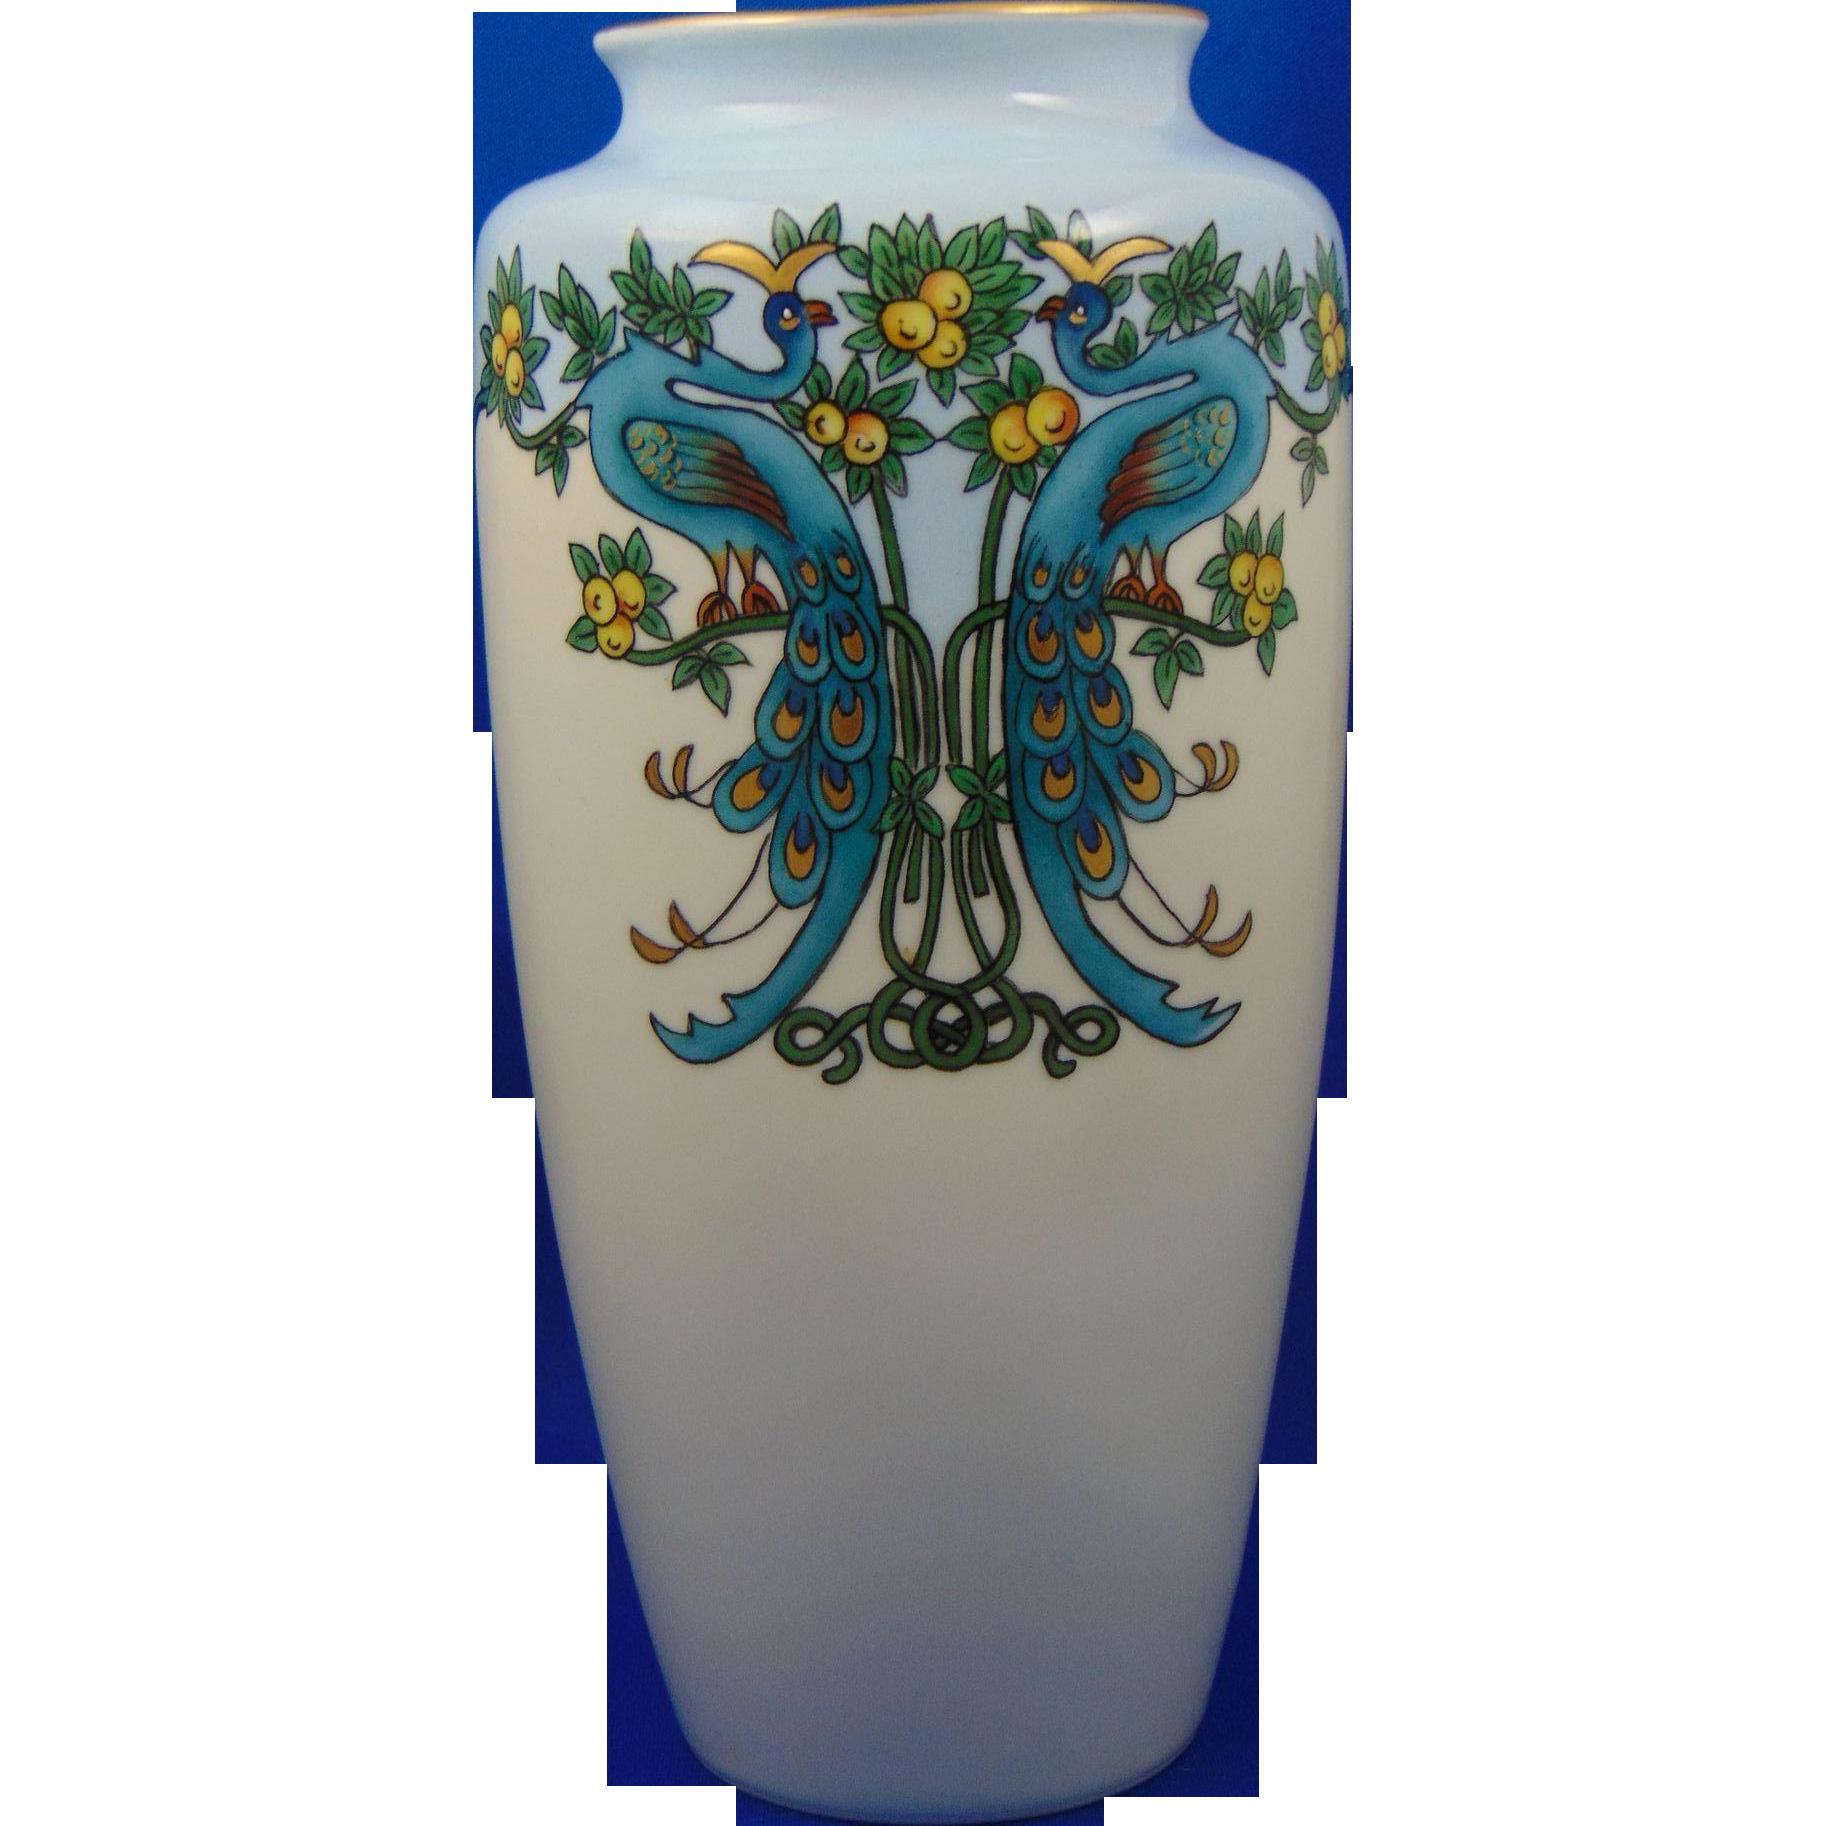 Bavaria Arts & Crafts Peacocks & Citrus Motif Vase (c.1910-1940) - Keramic Studio Design